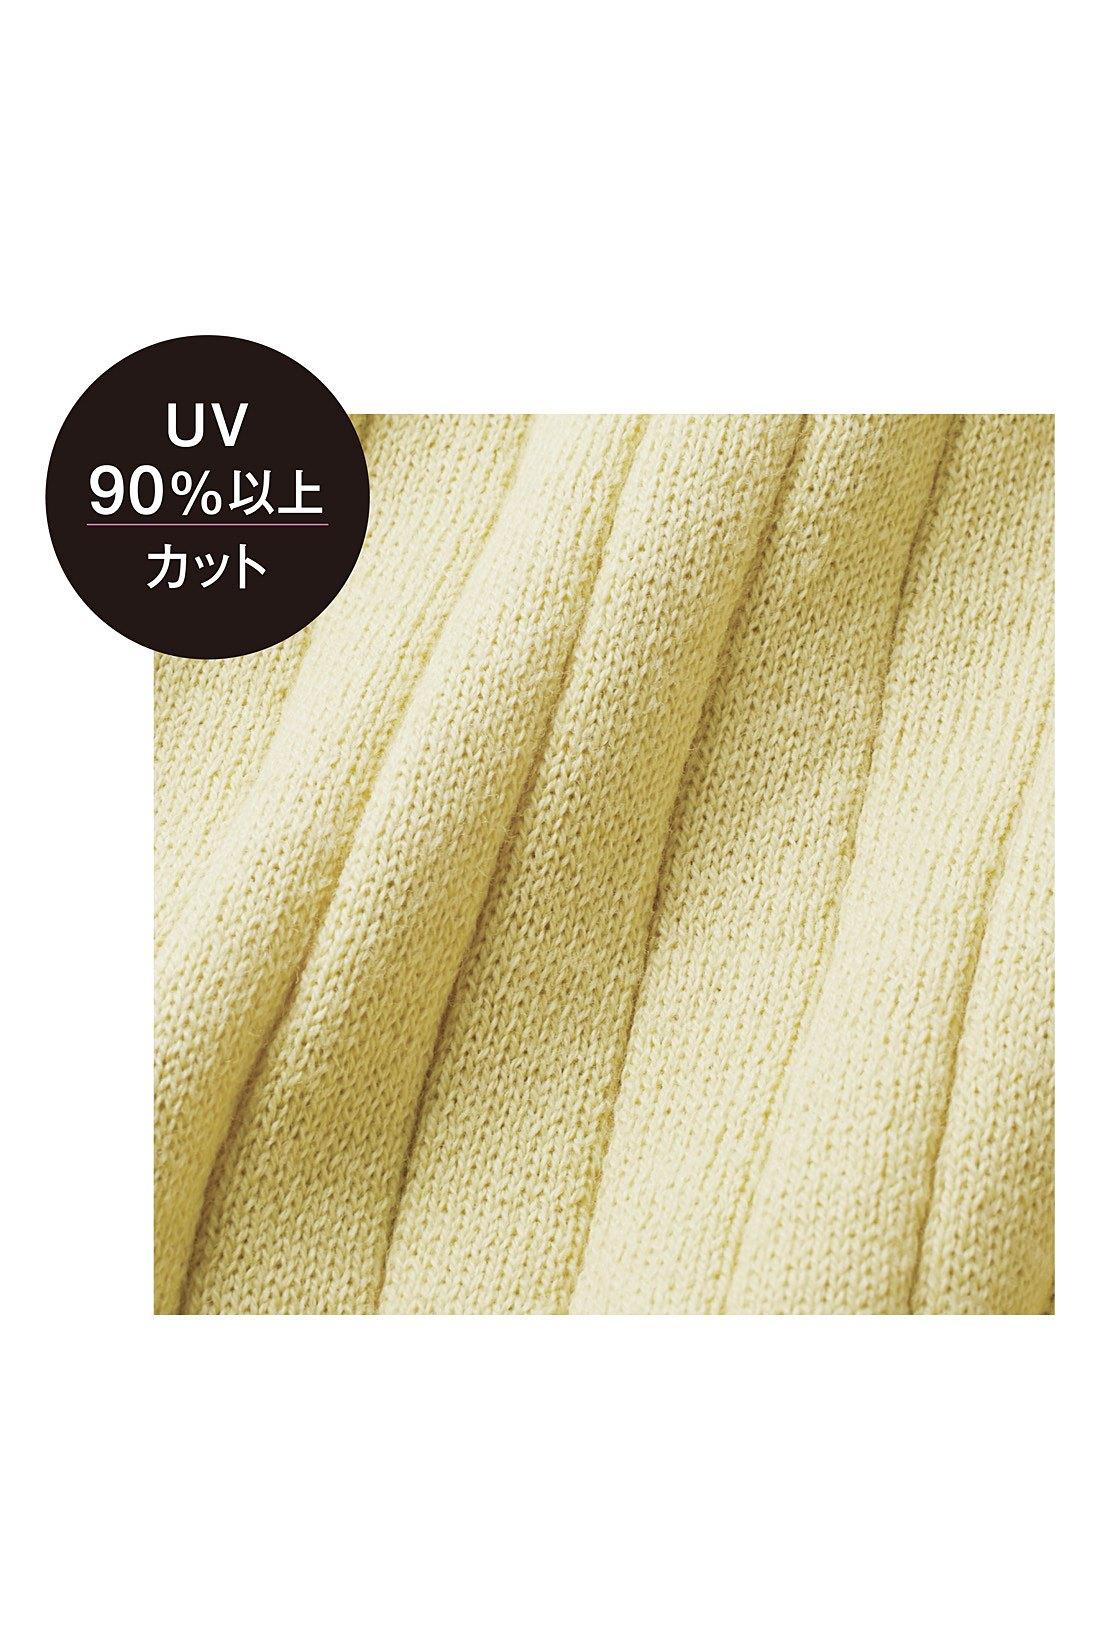 肌ざわりのいい綿混素材はUVカット機能付き。しわになりにくいのでバッグに忍ばせても。※お届けするカラーとは異なります。